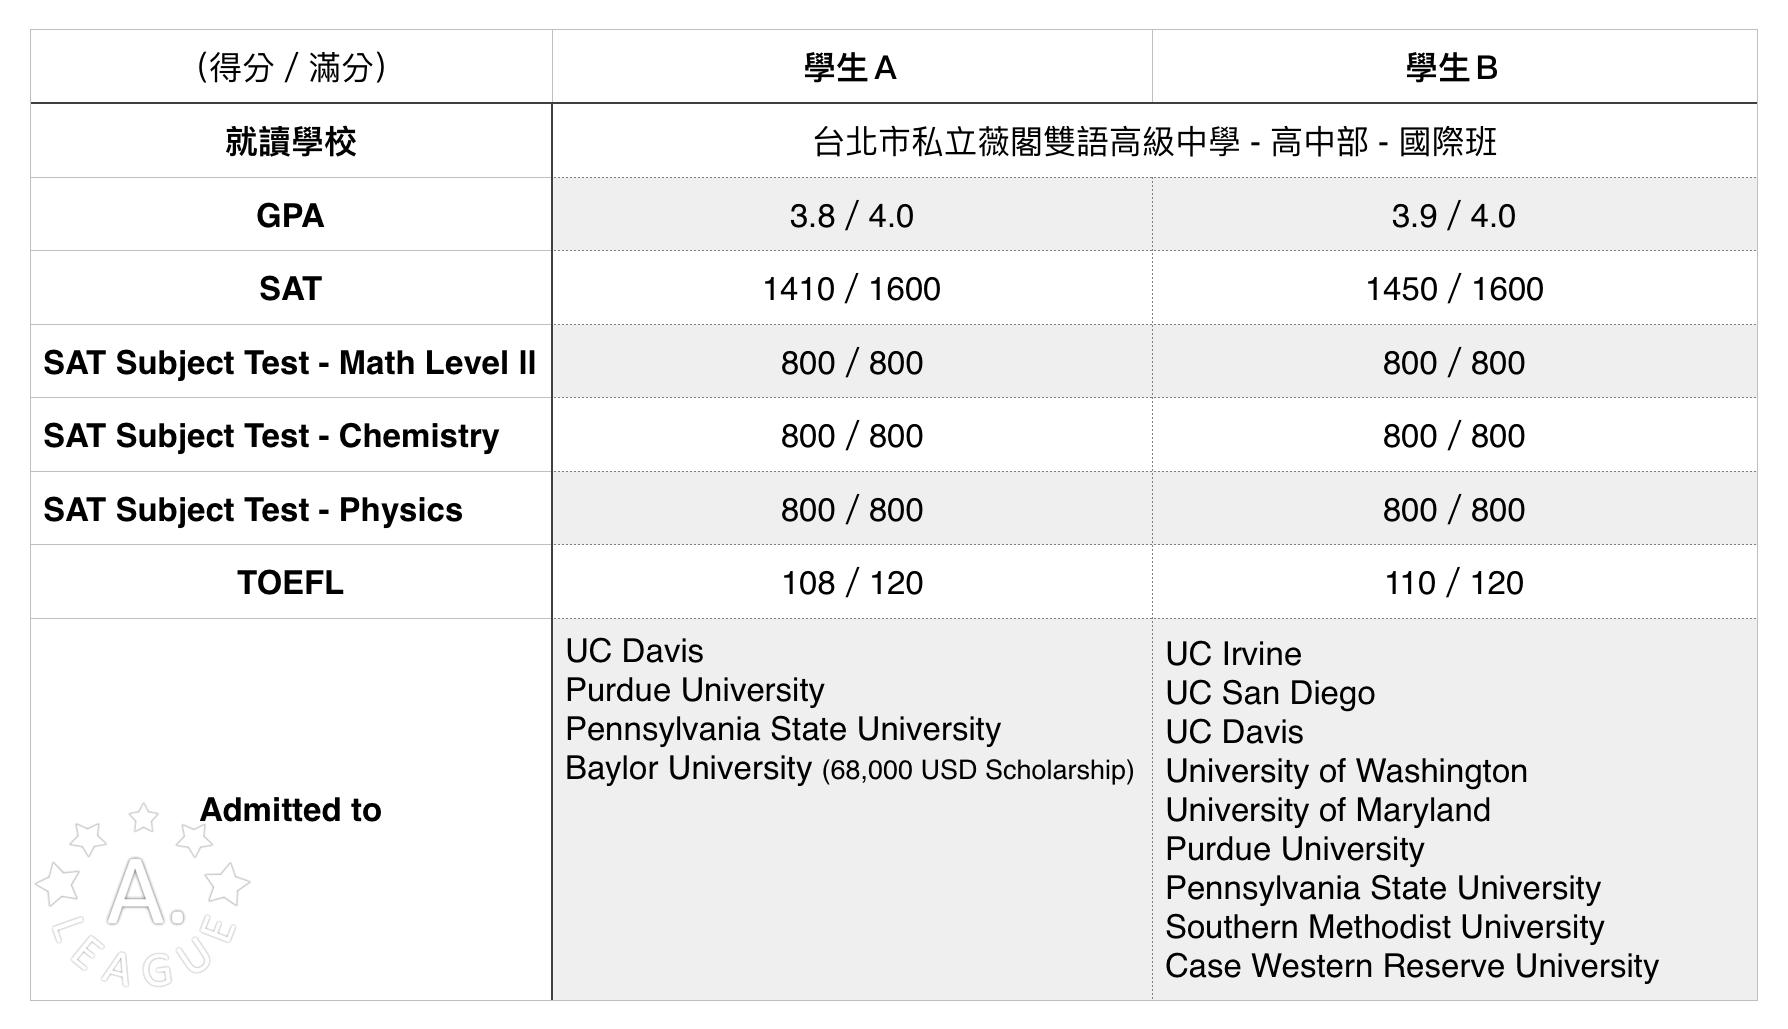 申請美國大學成績要多高?作文怎麼寫?薇閣實例分享